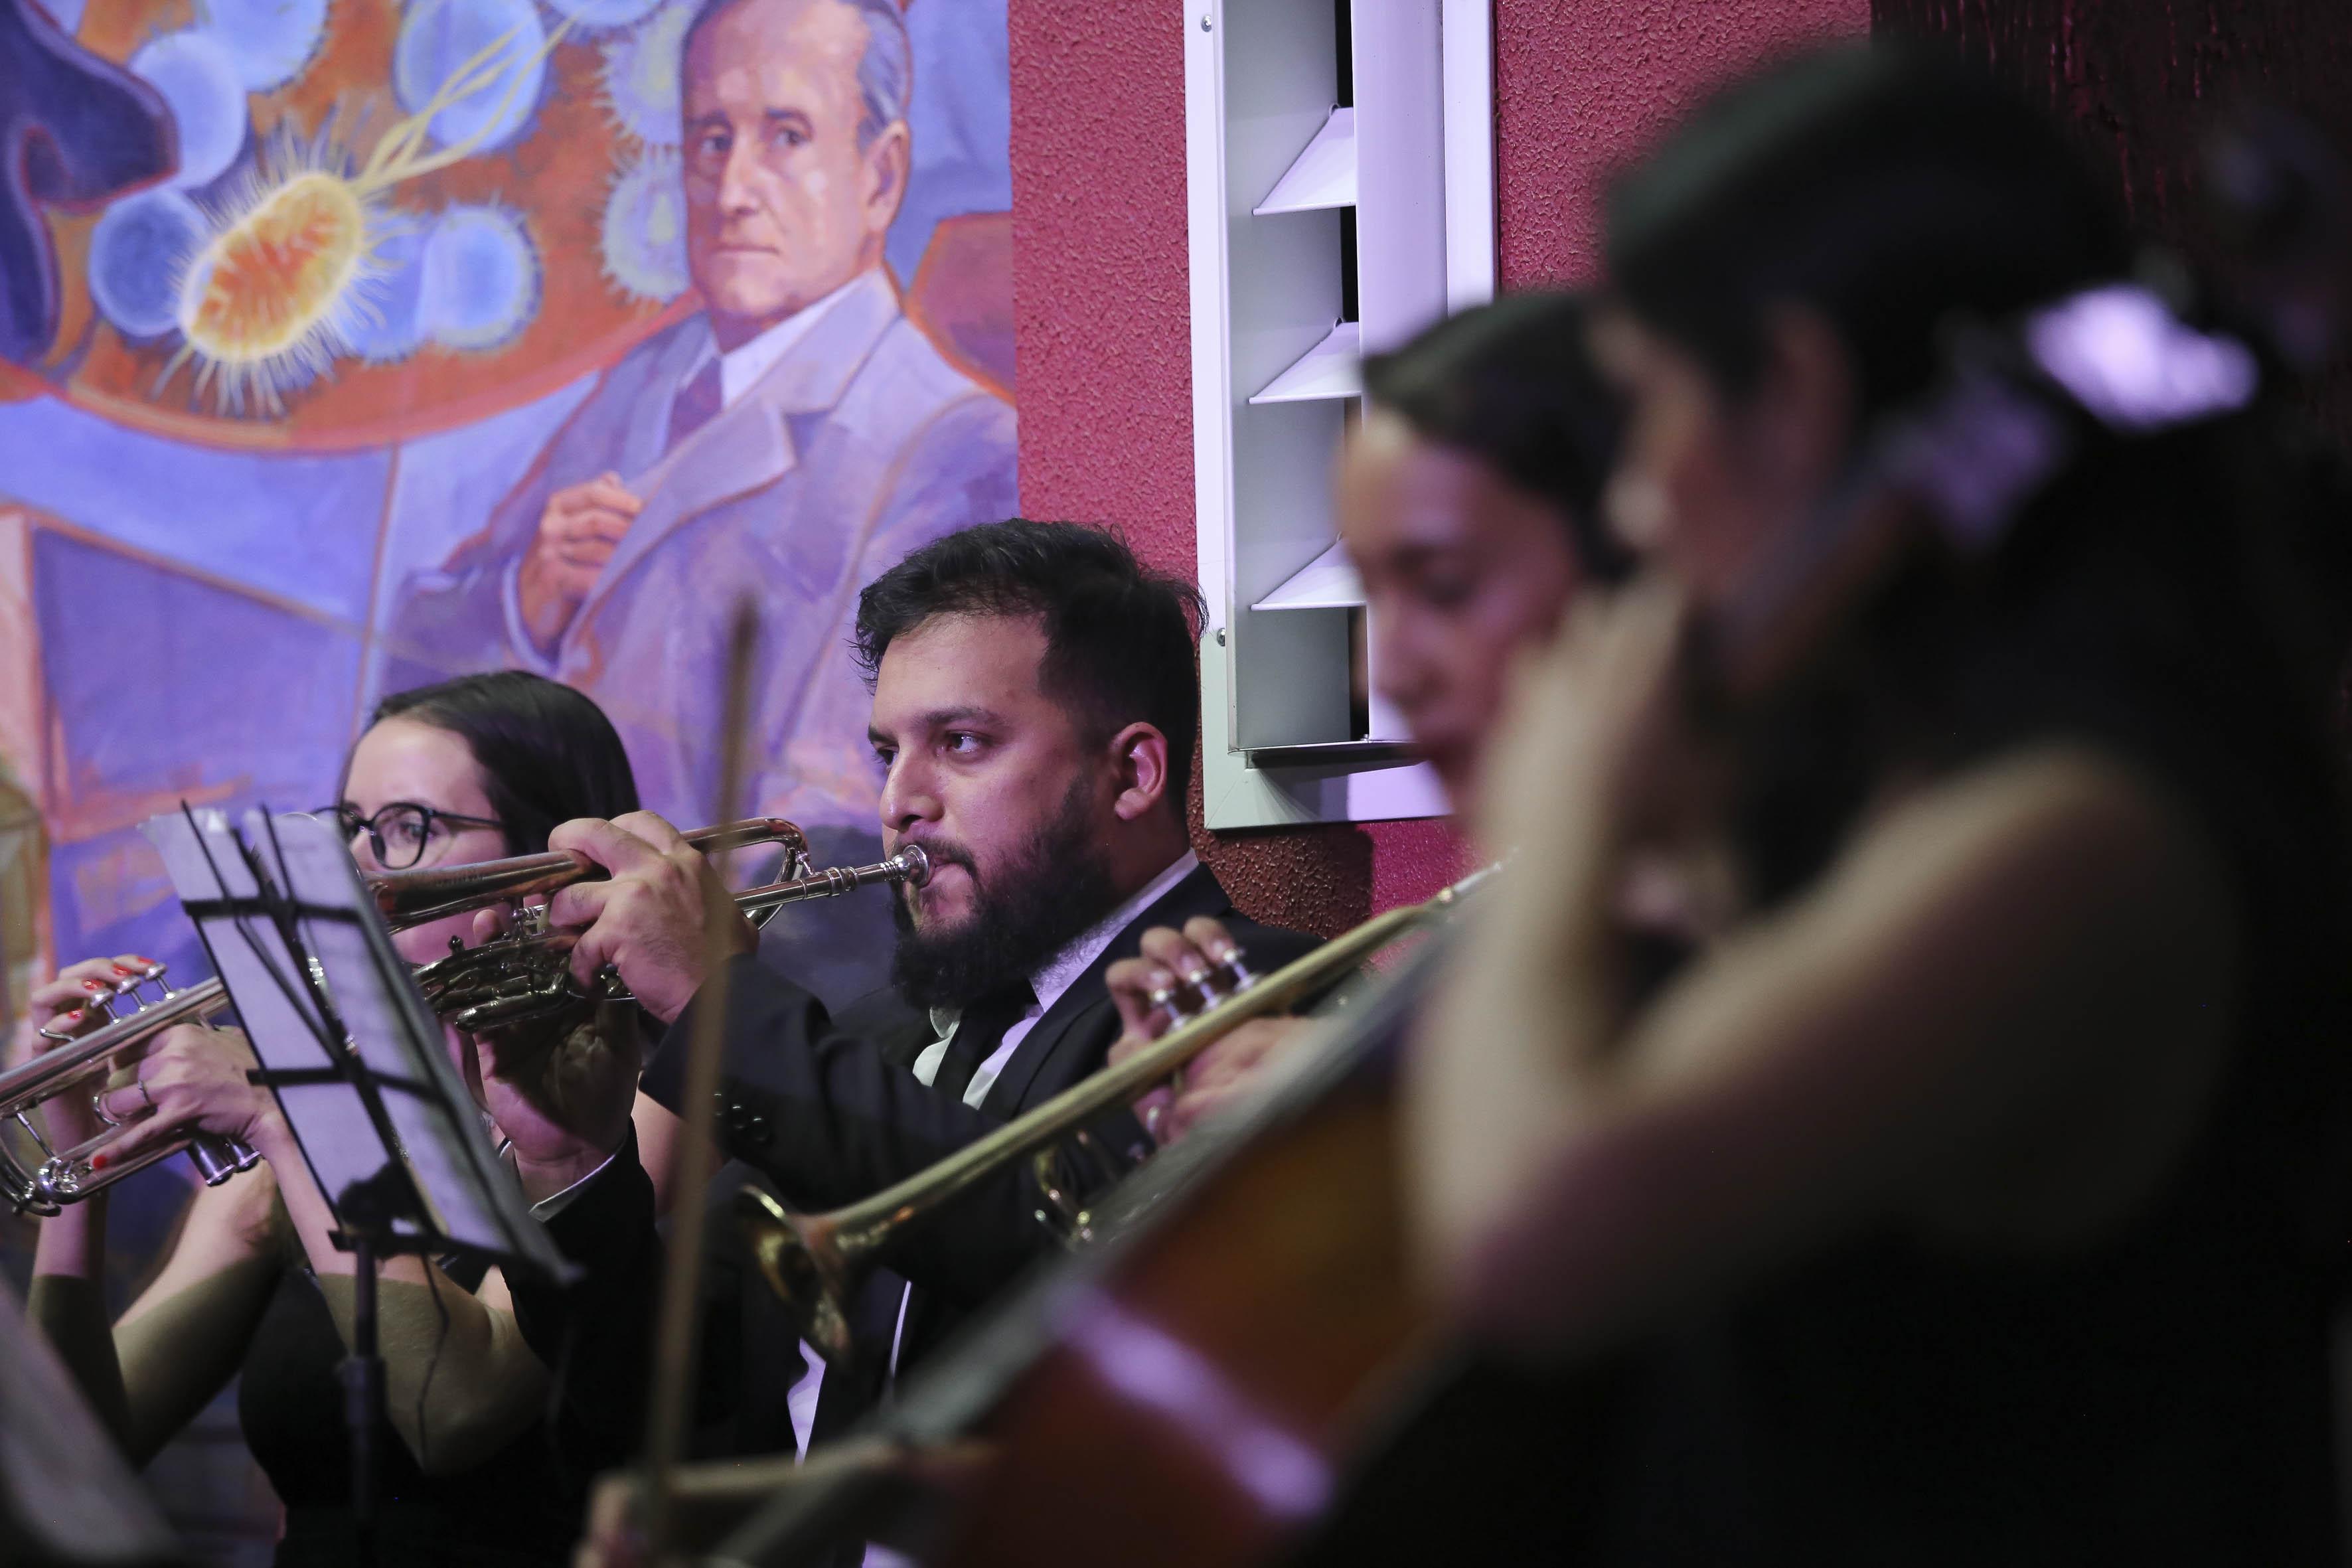 Músicos tocando instrumentos de viento durante el concierto